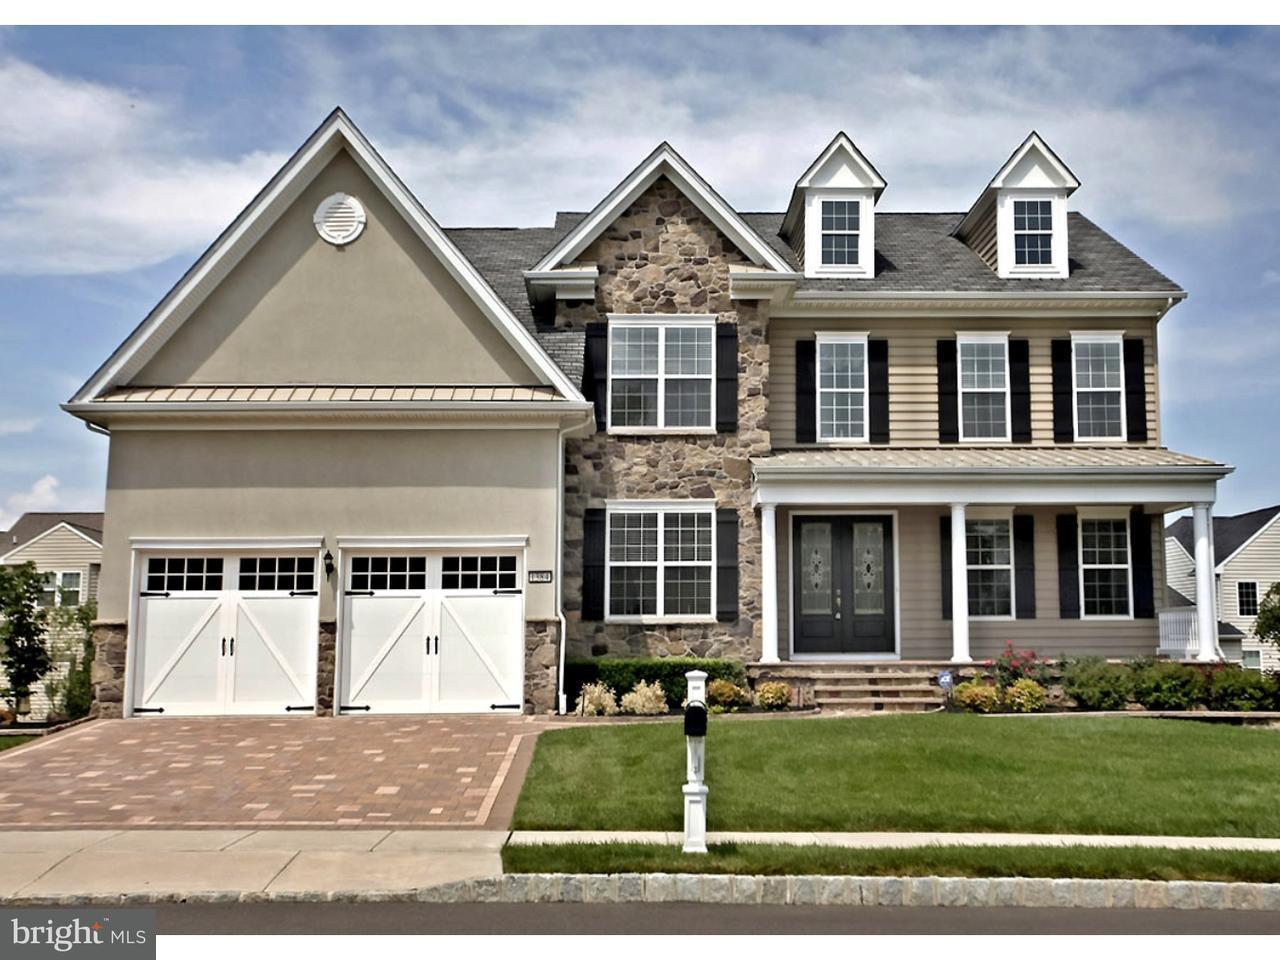 Maison unifamiliale pour l Vente à 1384 GABRIEL Lane Warwick, Pennsylvanie 18974 États-Unis